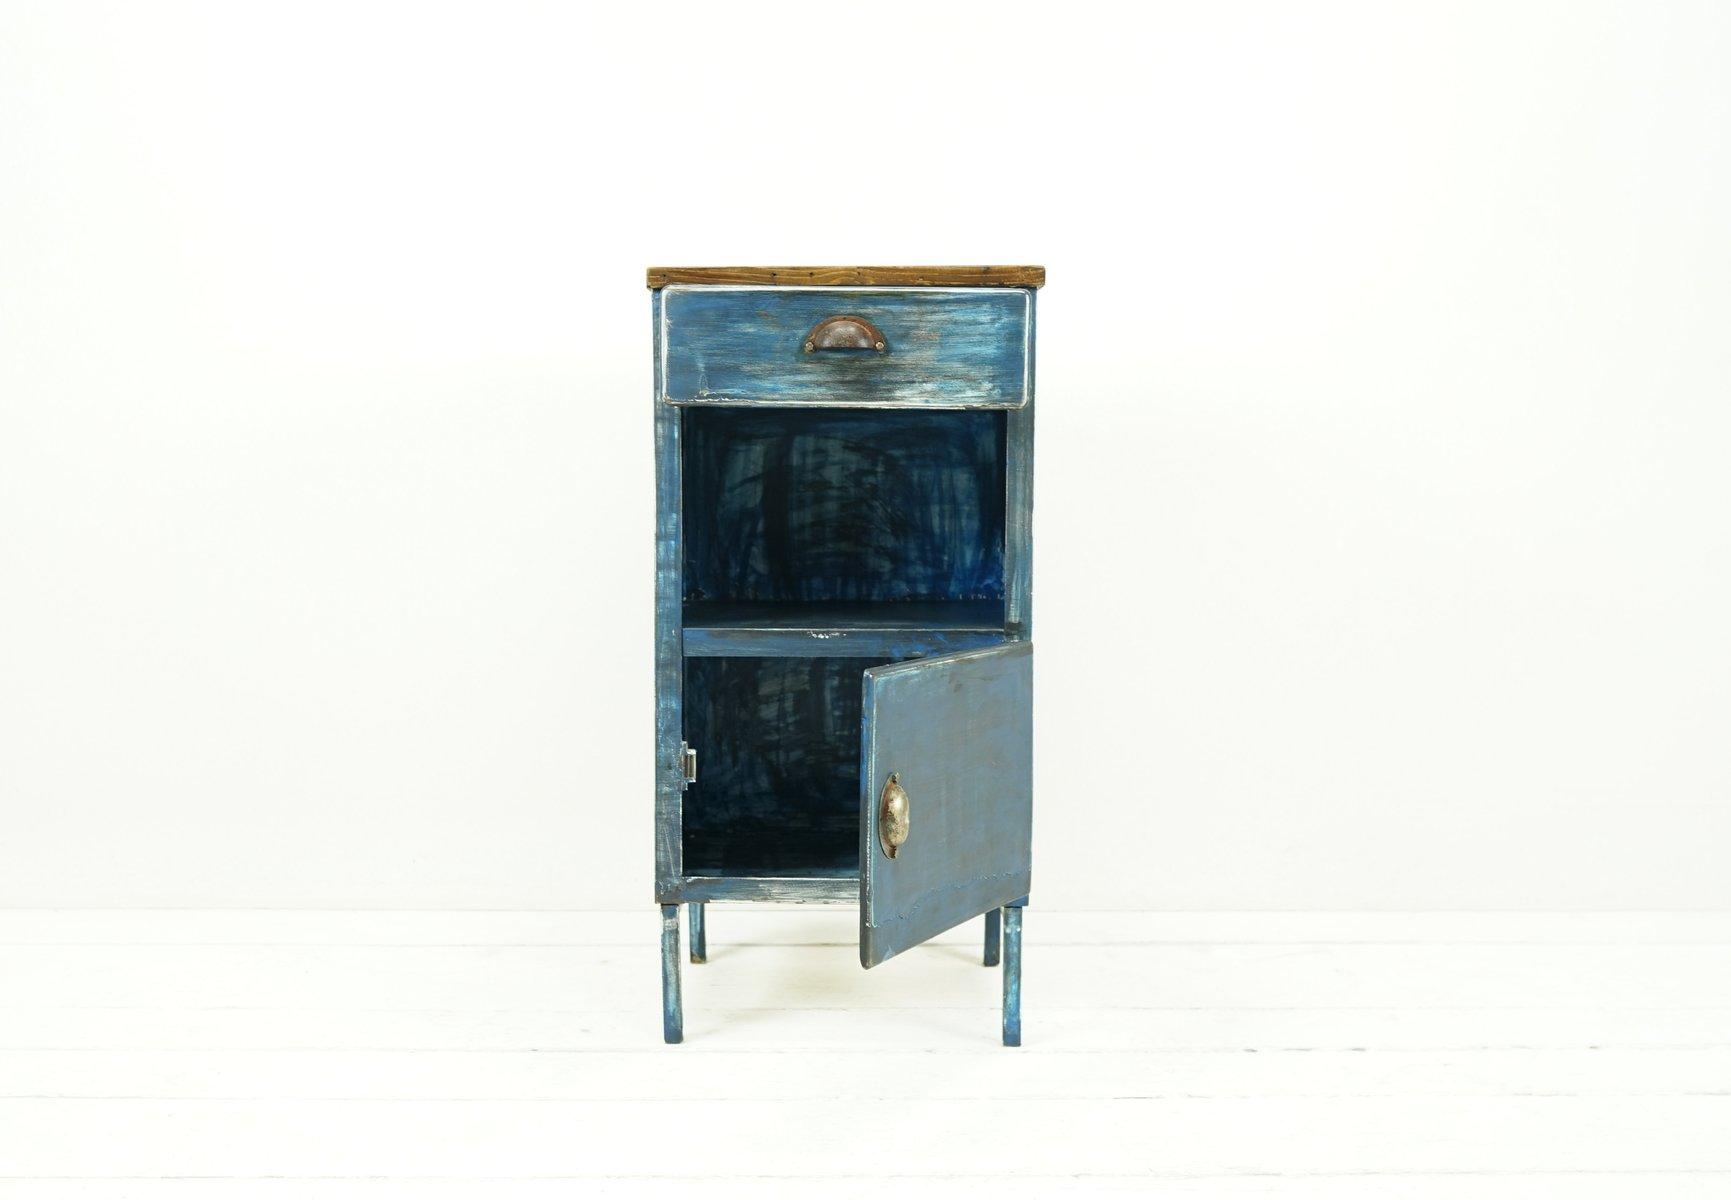 Meuble de rangement vintage industriel d 39 usine en m tal en vente sur pamono - Usine de meuble en belgique ...